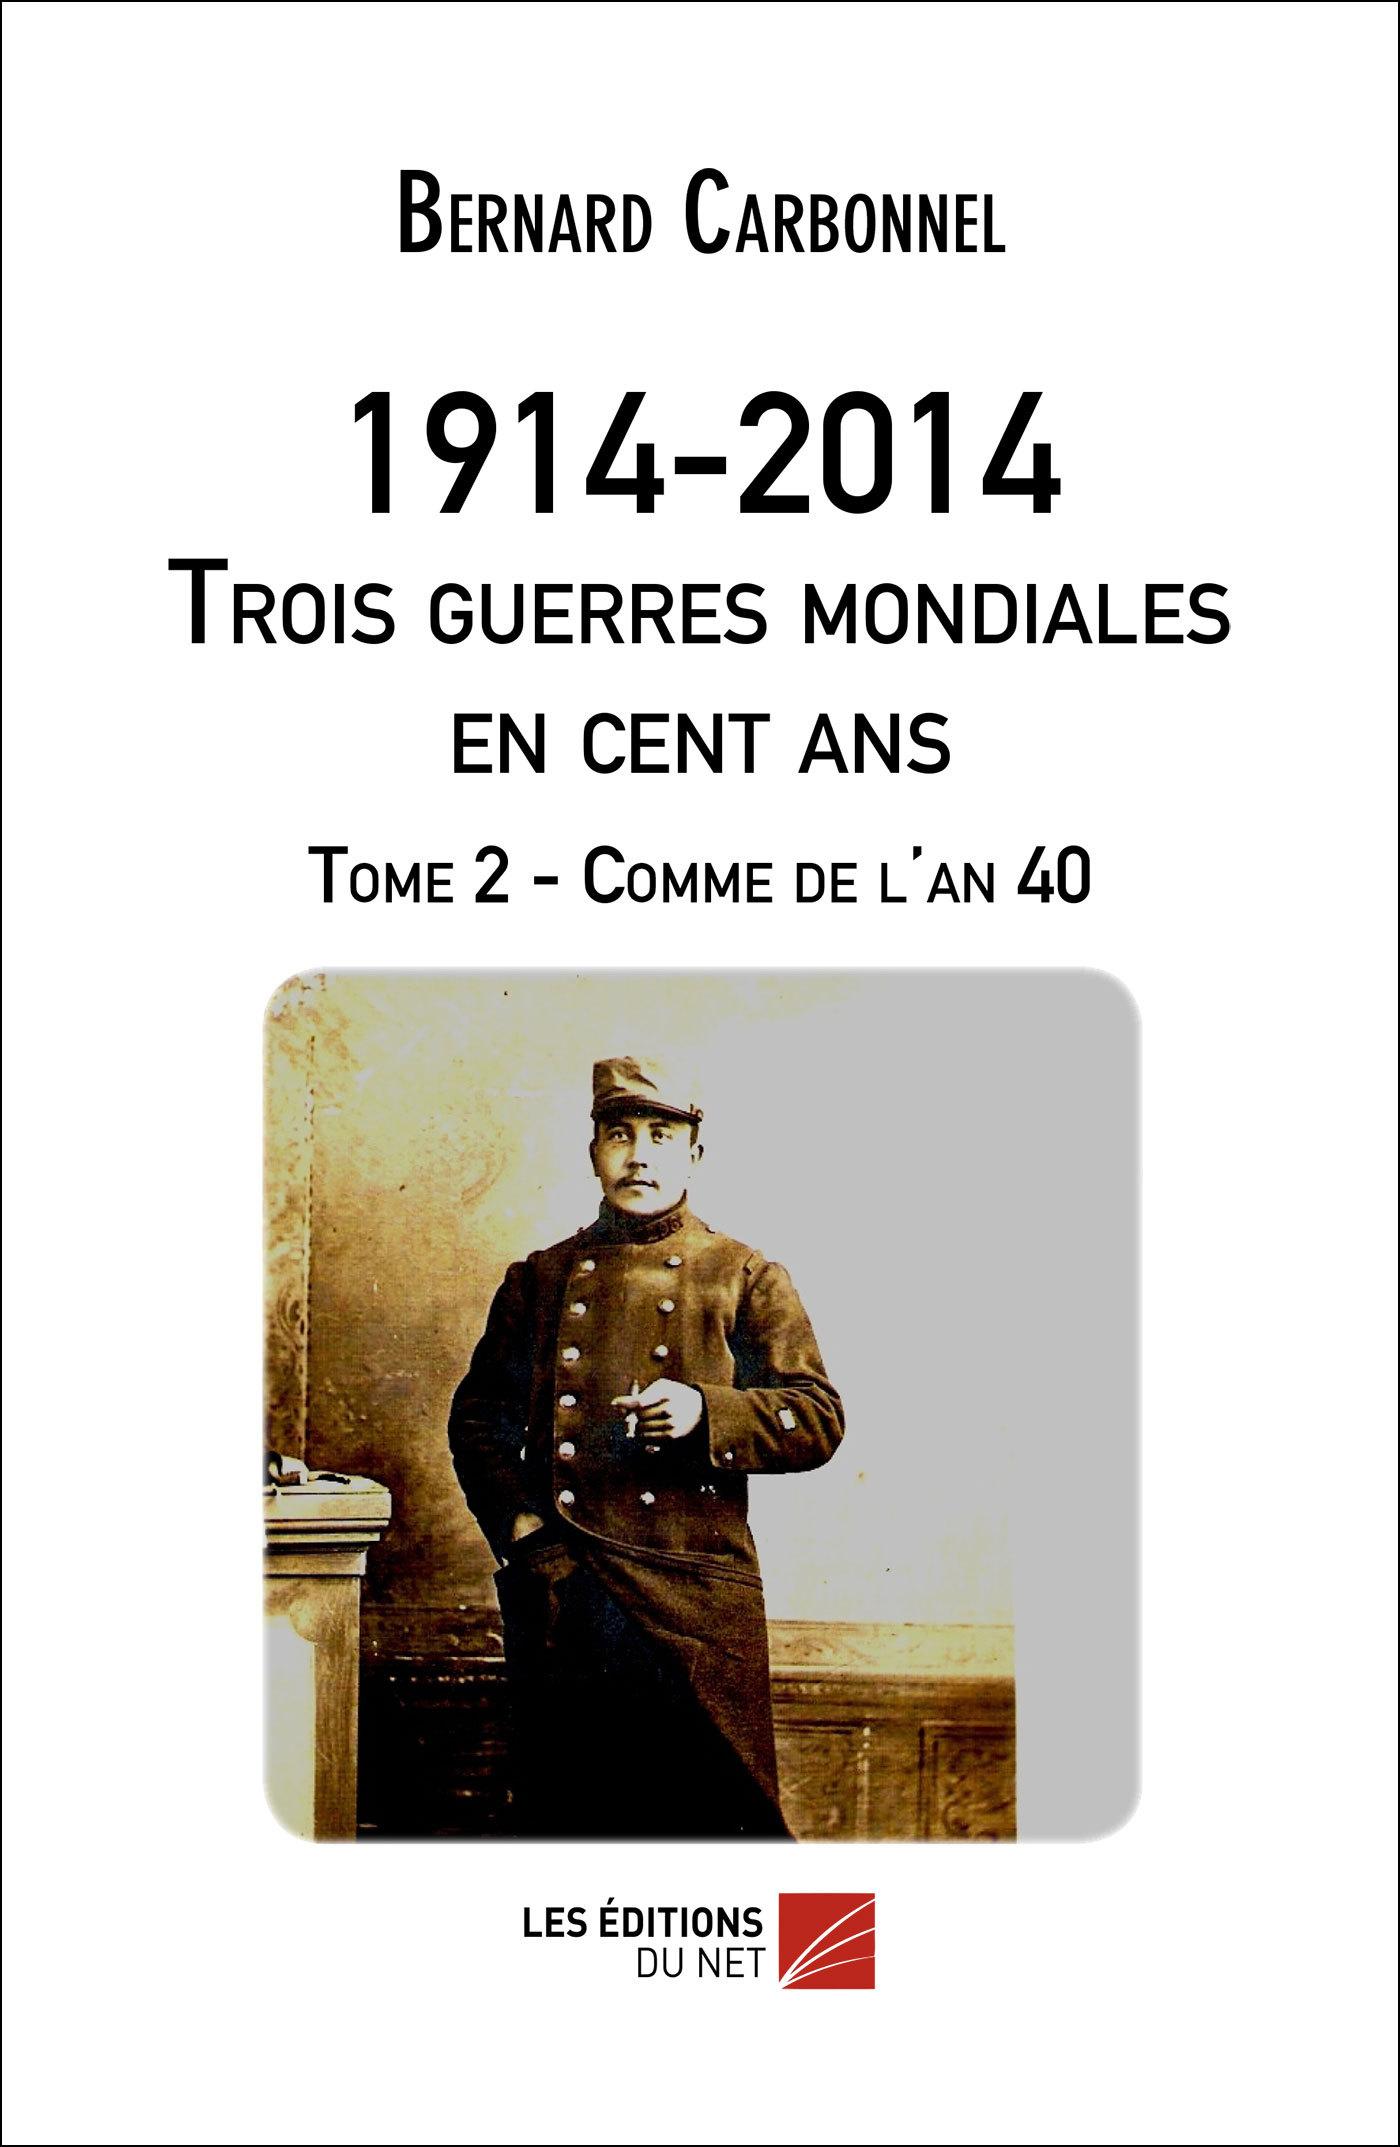 1914-2014. TROIS GUERRES MONDIALES EN 100 ANS. TOME 2 - COMME DE L'AN 40